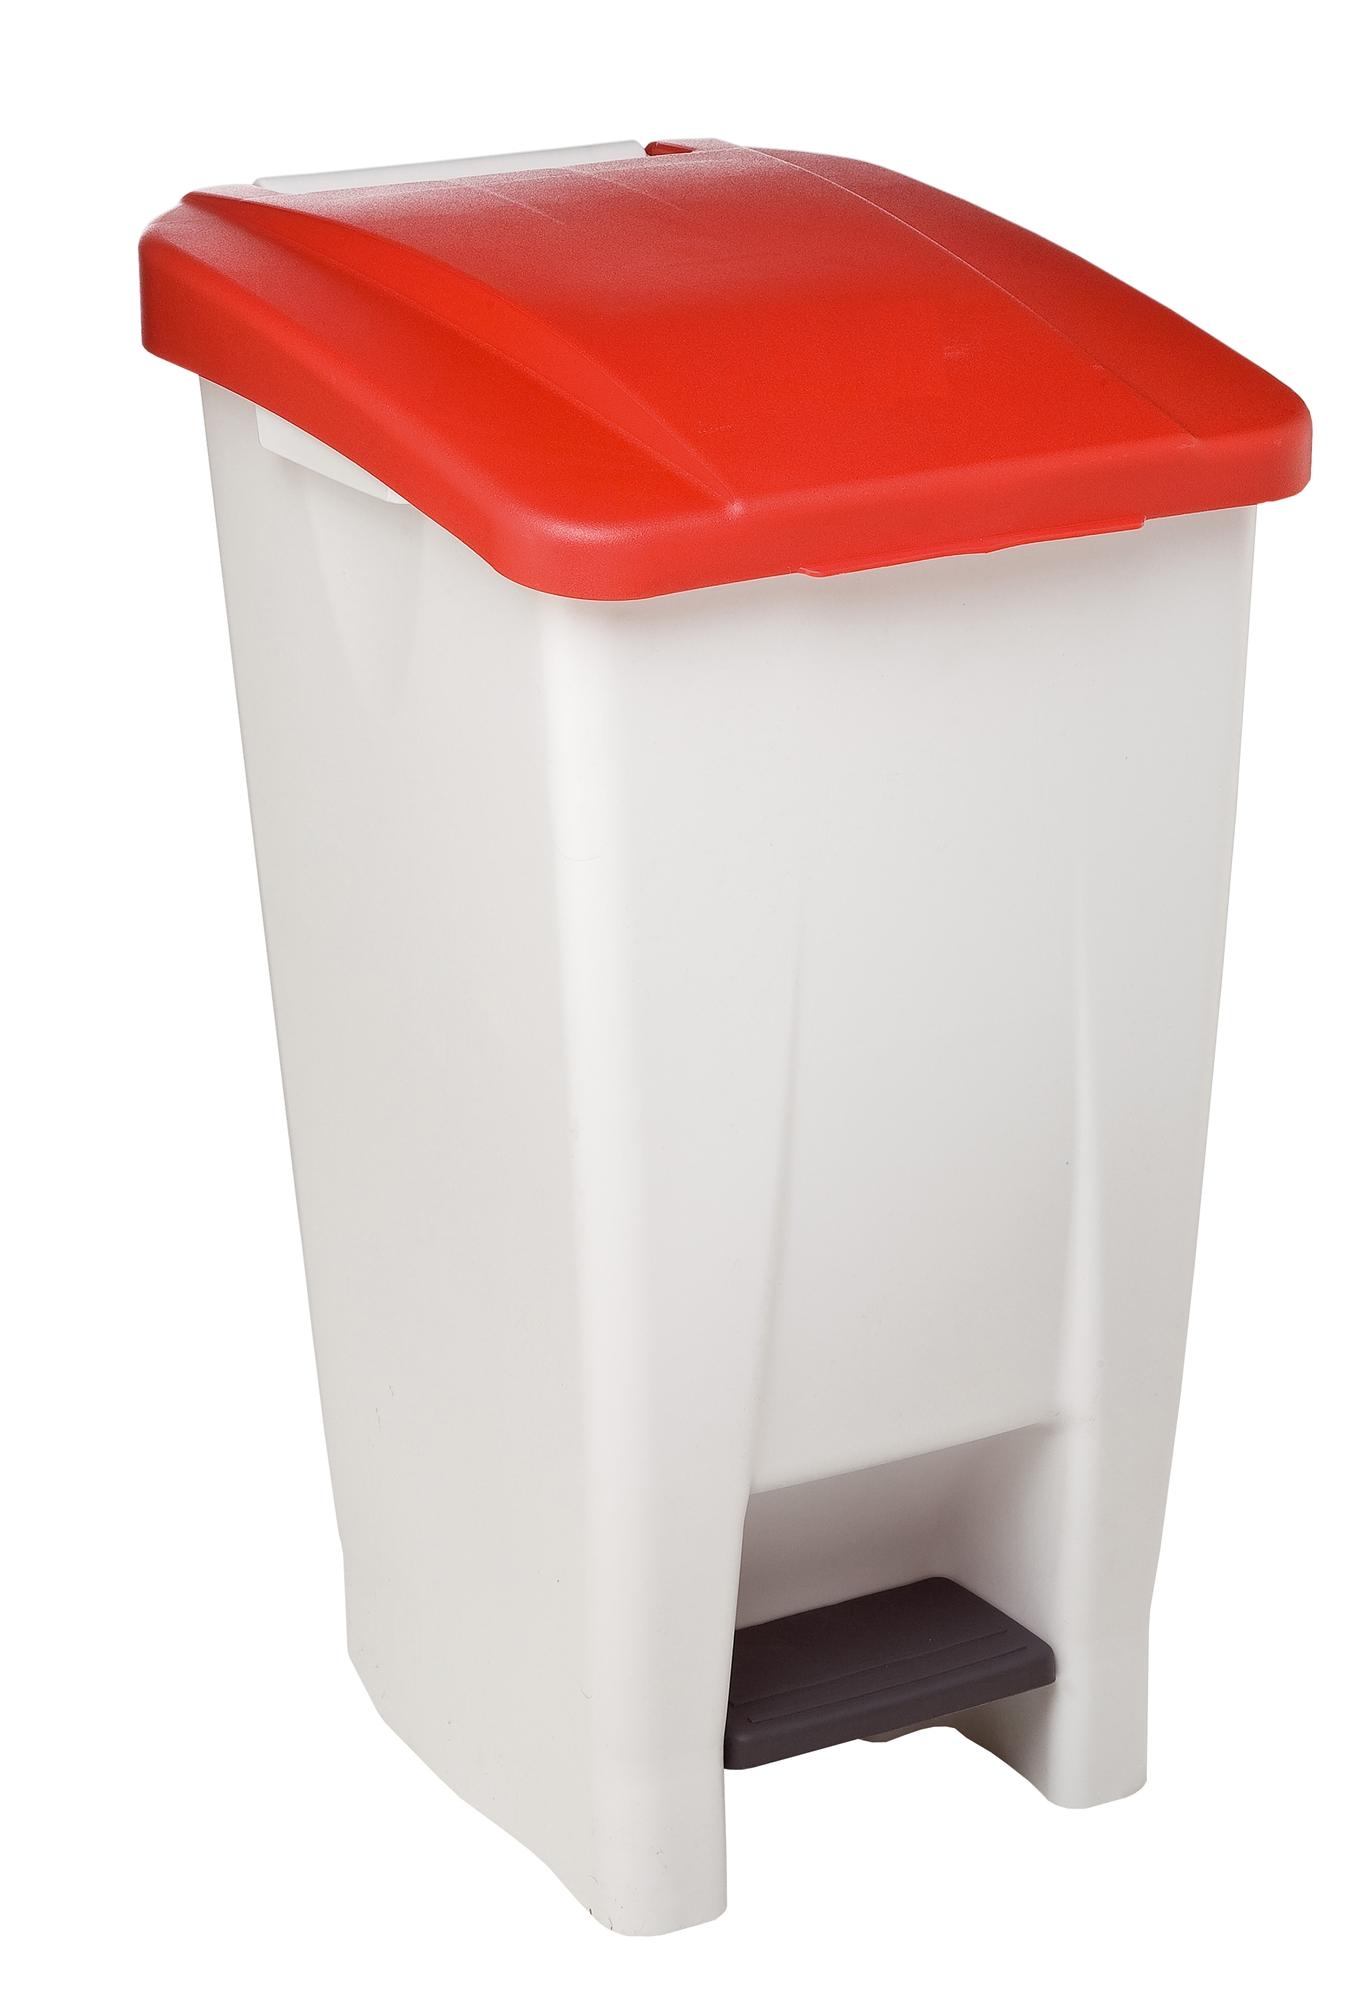 Poubelle de cuisine rossignol 60 litres haccp couvercle rouge - Poubelle de cuisine rouge ...